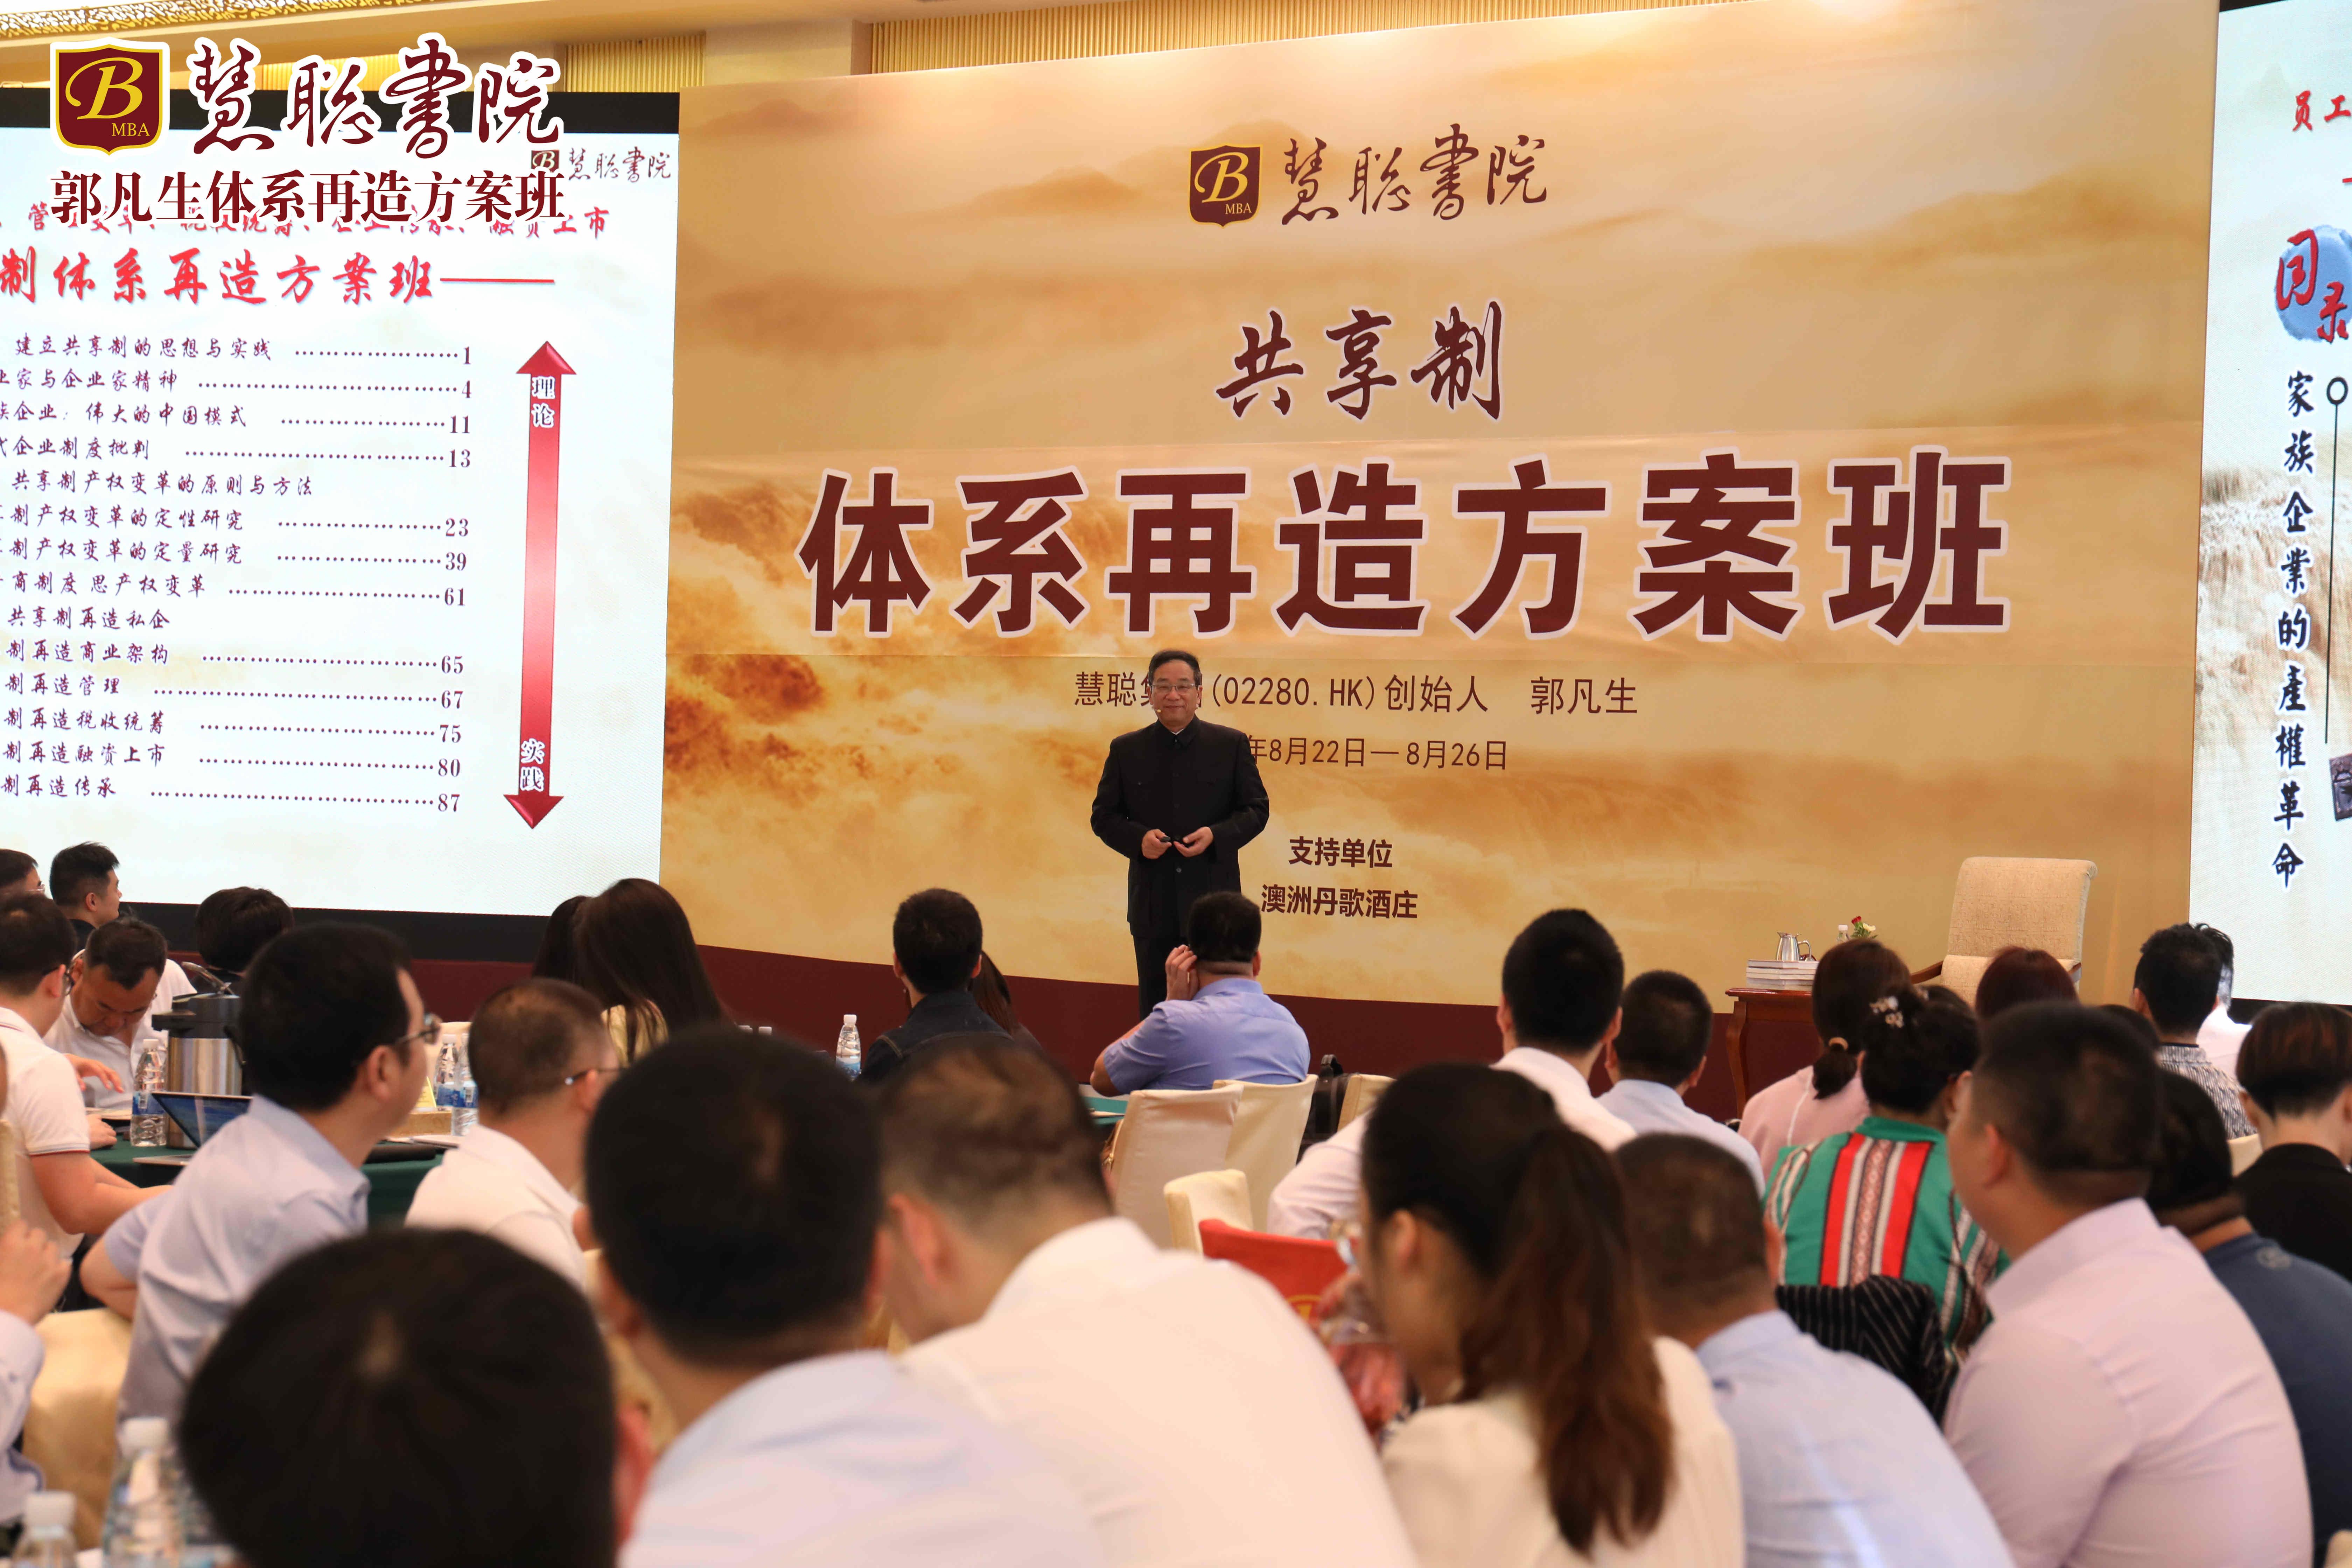 当当与奇虎 ——为中国企业家创业精神欢呼